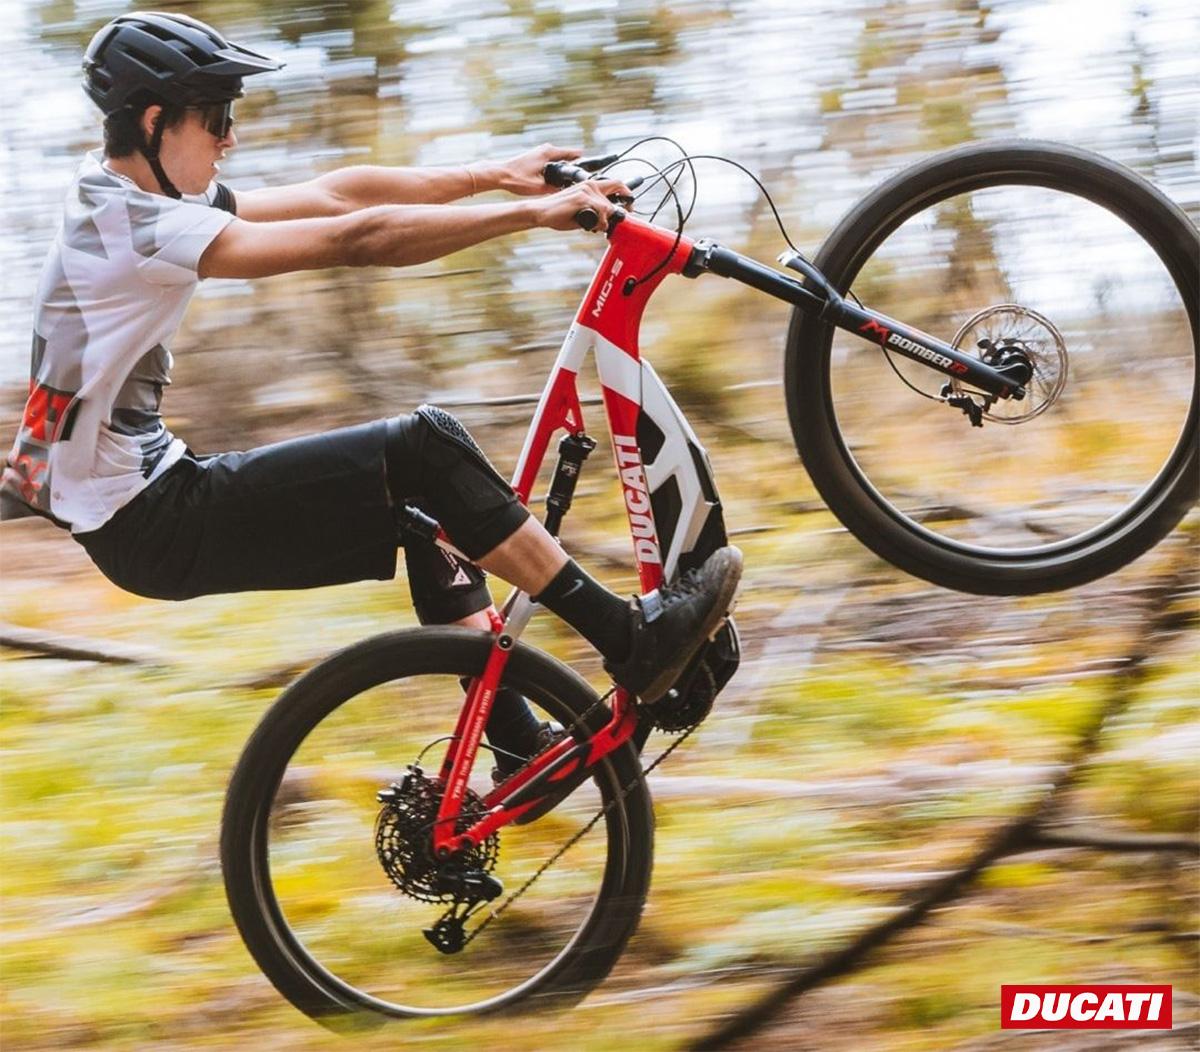 Un ragazzo impenna sulla nuova mtb elettrica Ducati Mig-S 2021